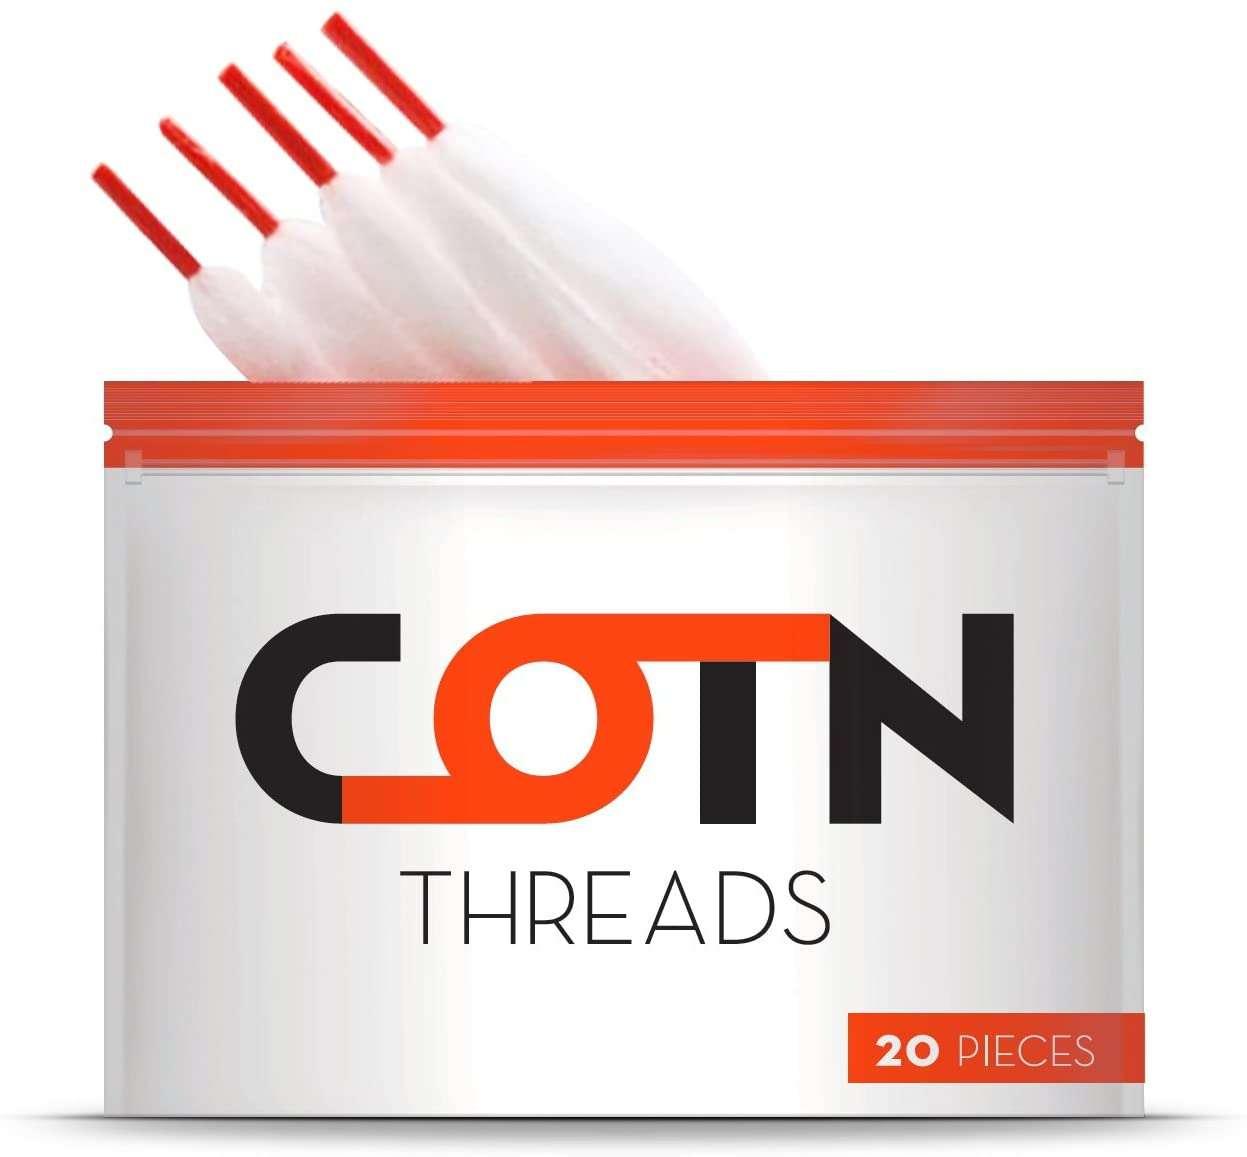 cotn threads algodão